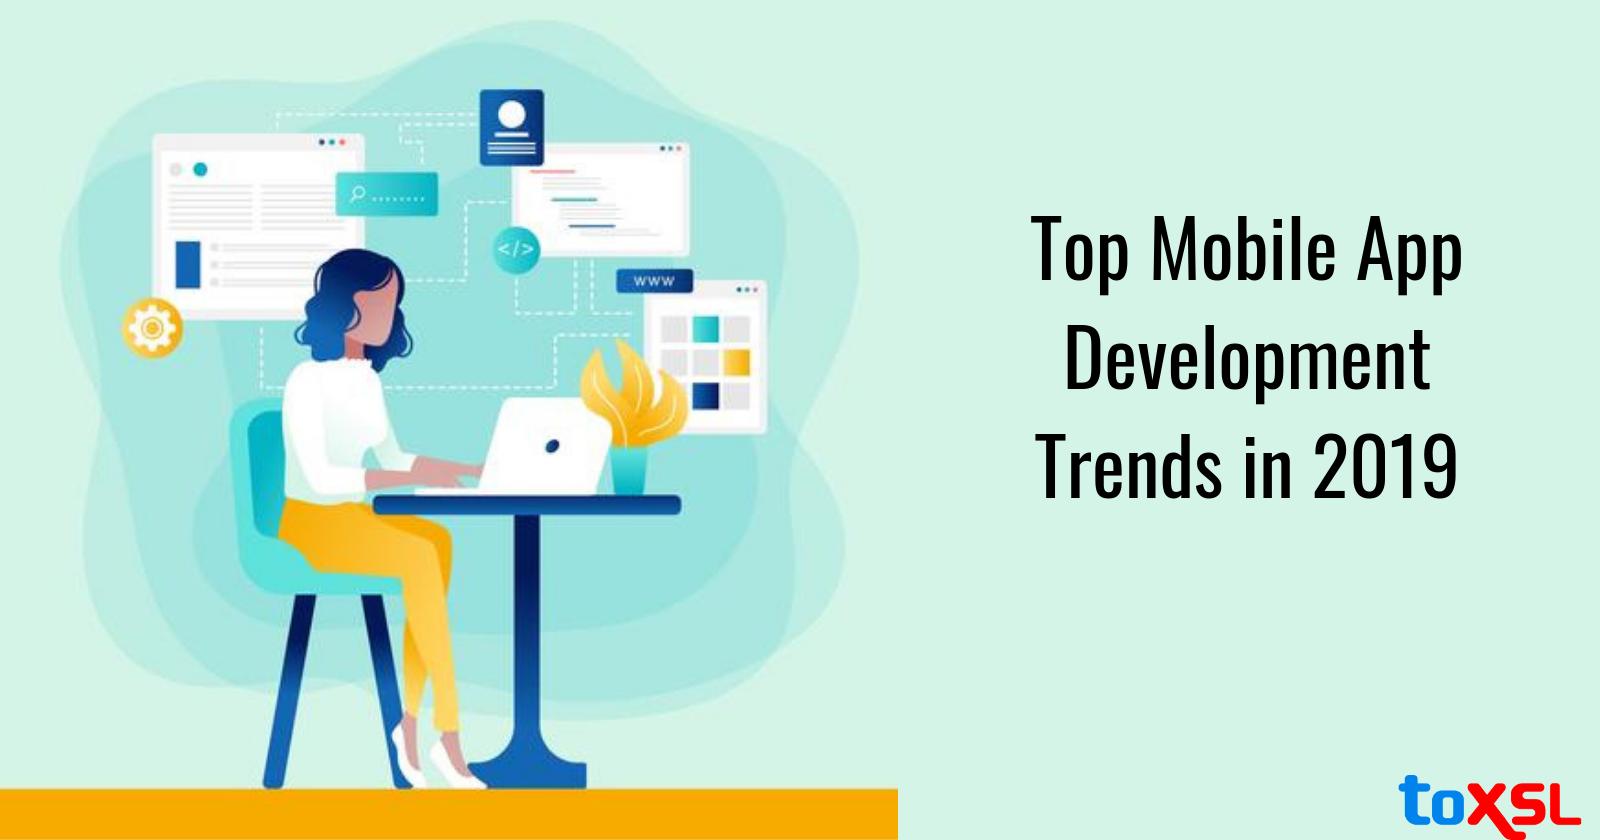 Top Mobile App Development Trends in 2019